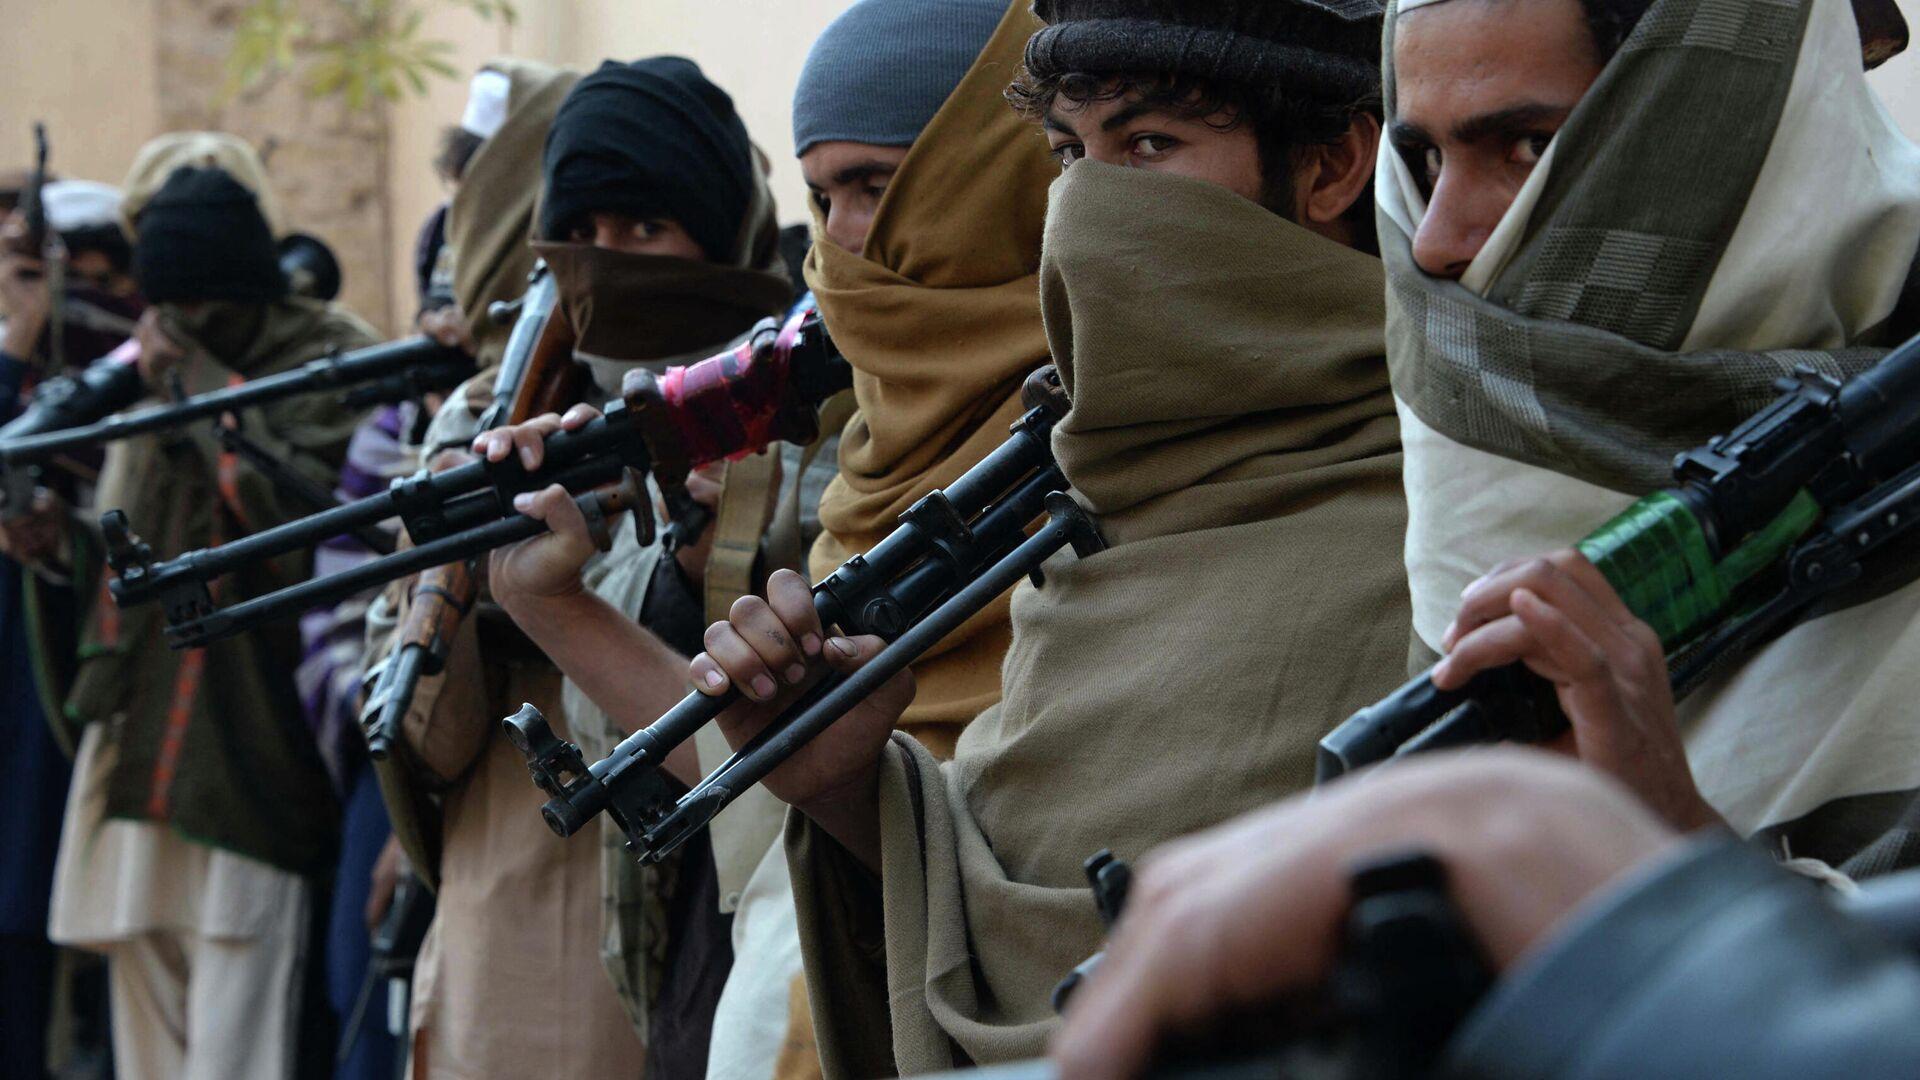 Вооруженные люди в Афганистане - Sputnik Ўзбекистон, 1920, 12.08.2021